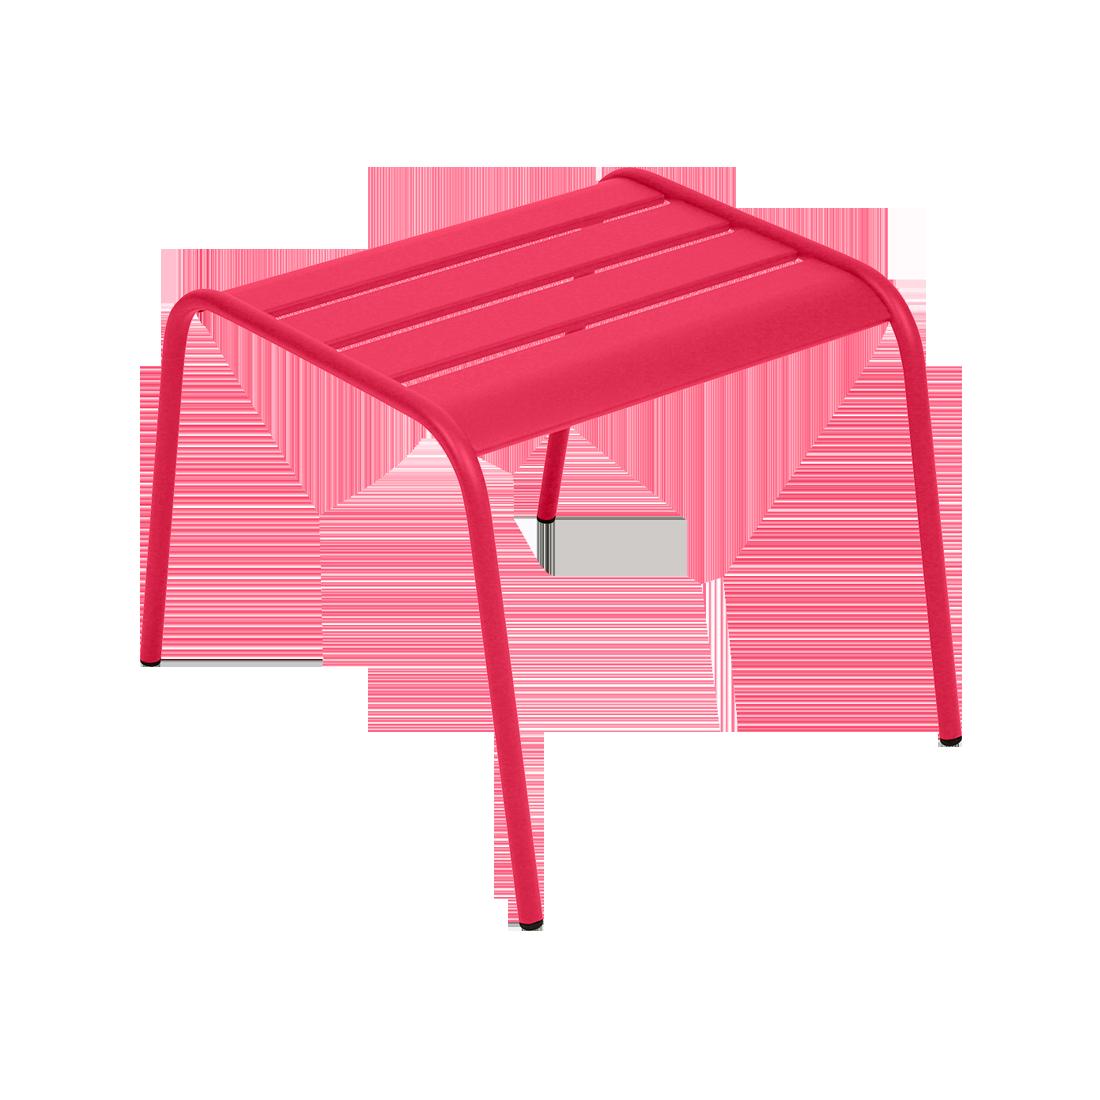 petite table basse, table basse metal, table basse rose